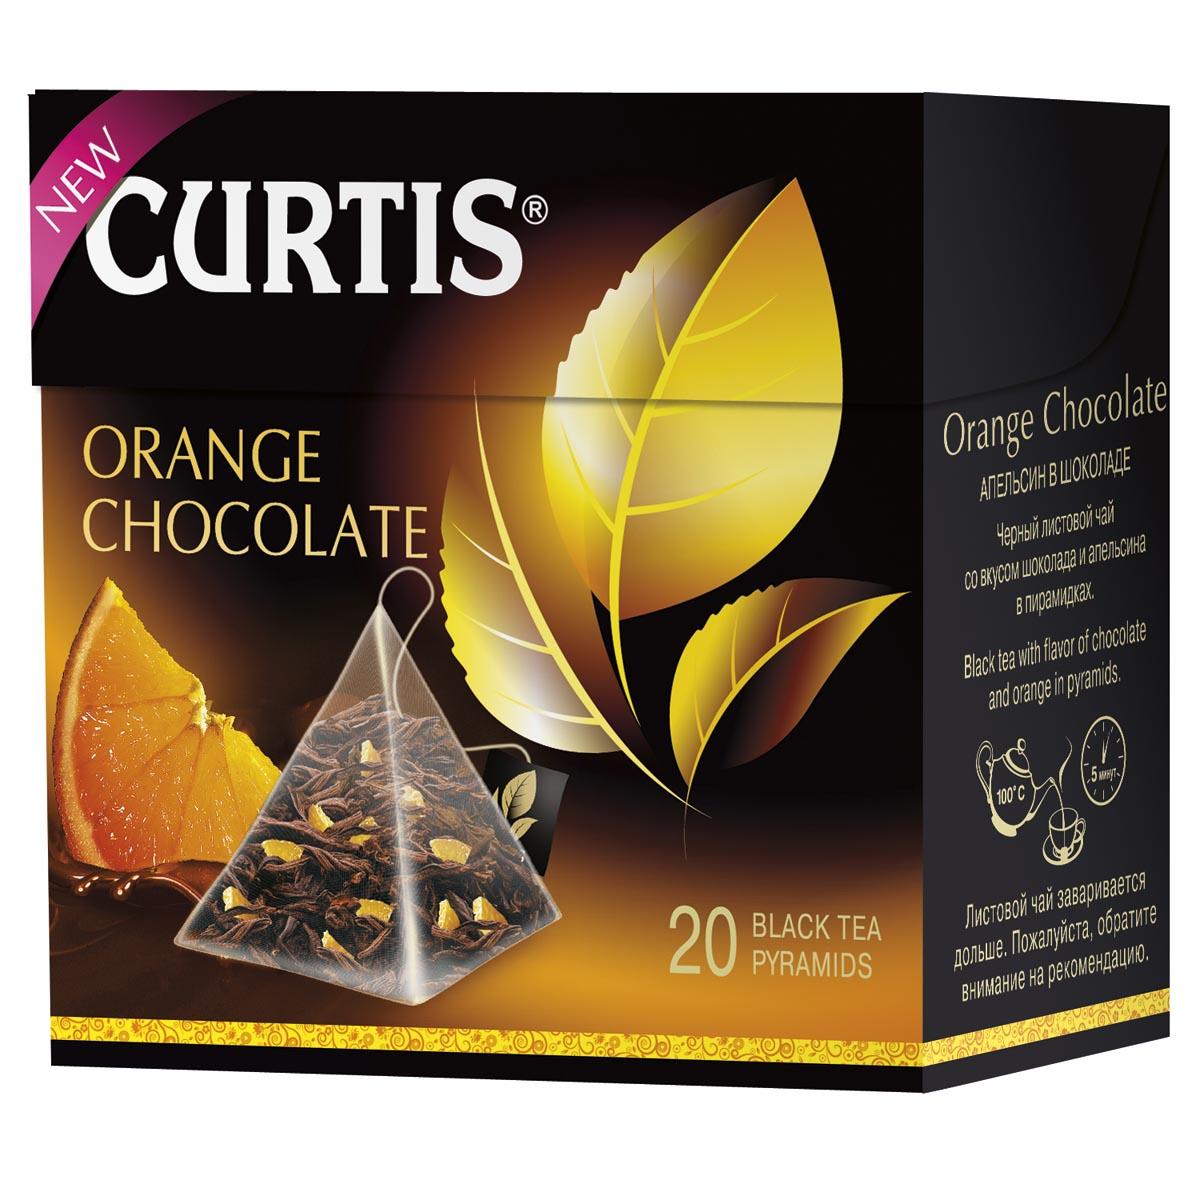 Curtis Orange Chocolate черный чай в пирамидках, 20 шт4620015851136Удивительный черный чай со вкусом романтичного темного шоколада и солнечного апельсина. В этой чашке цейлонского чая столько же страсти, сколько в короткой любовной записке. Насладитесь обновленным купажом черного листового чая.